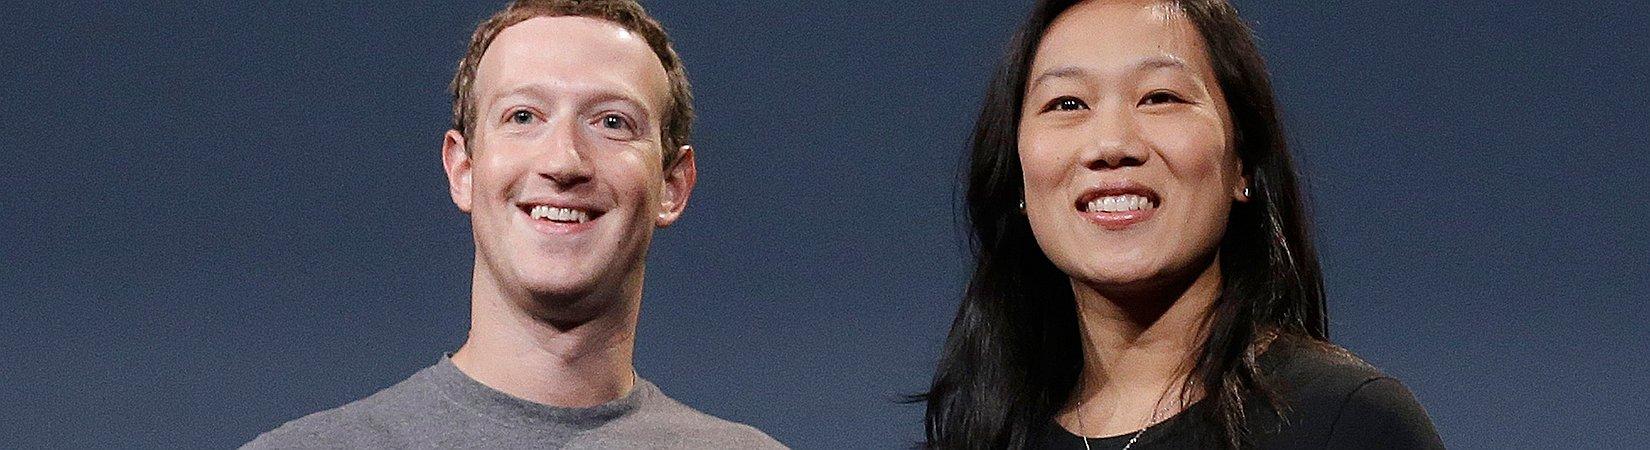 Сплит акций Facebook: Что нужно знать инвестору